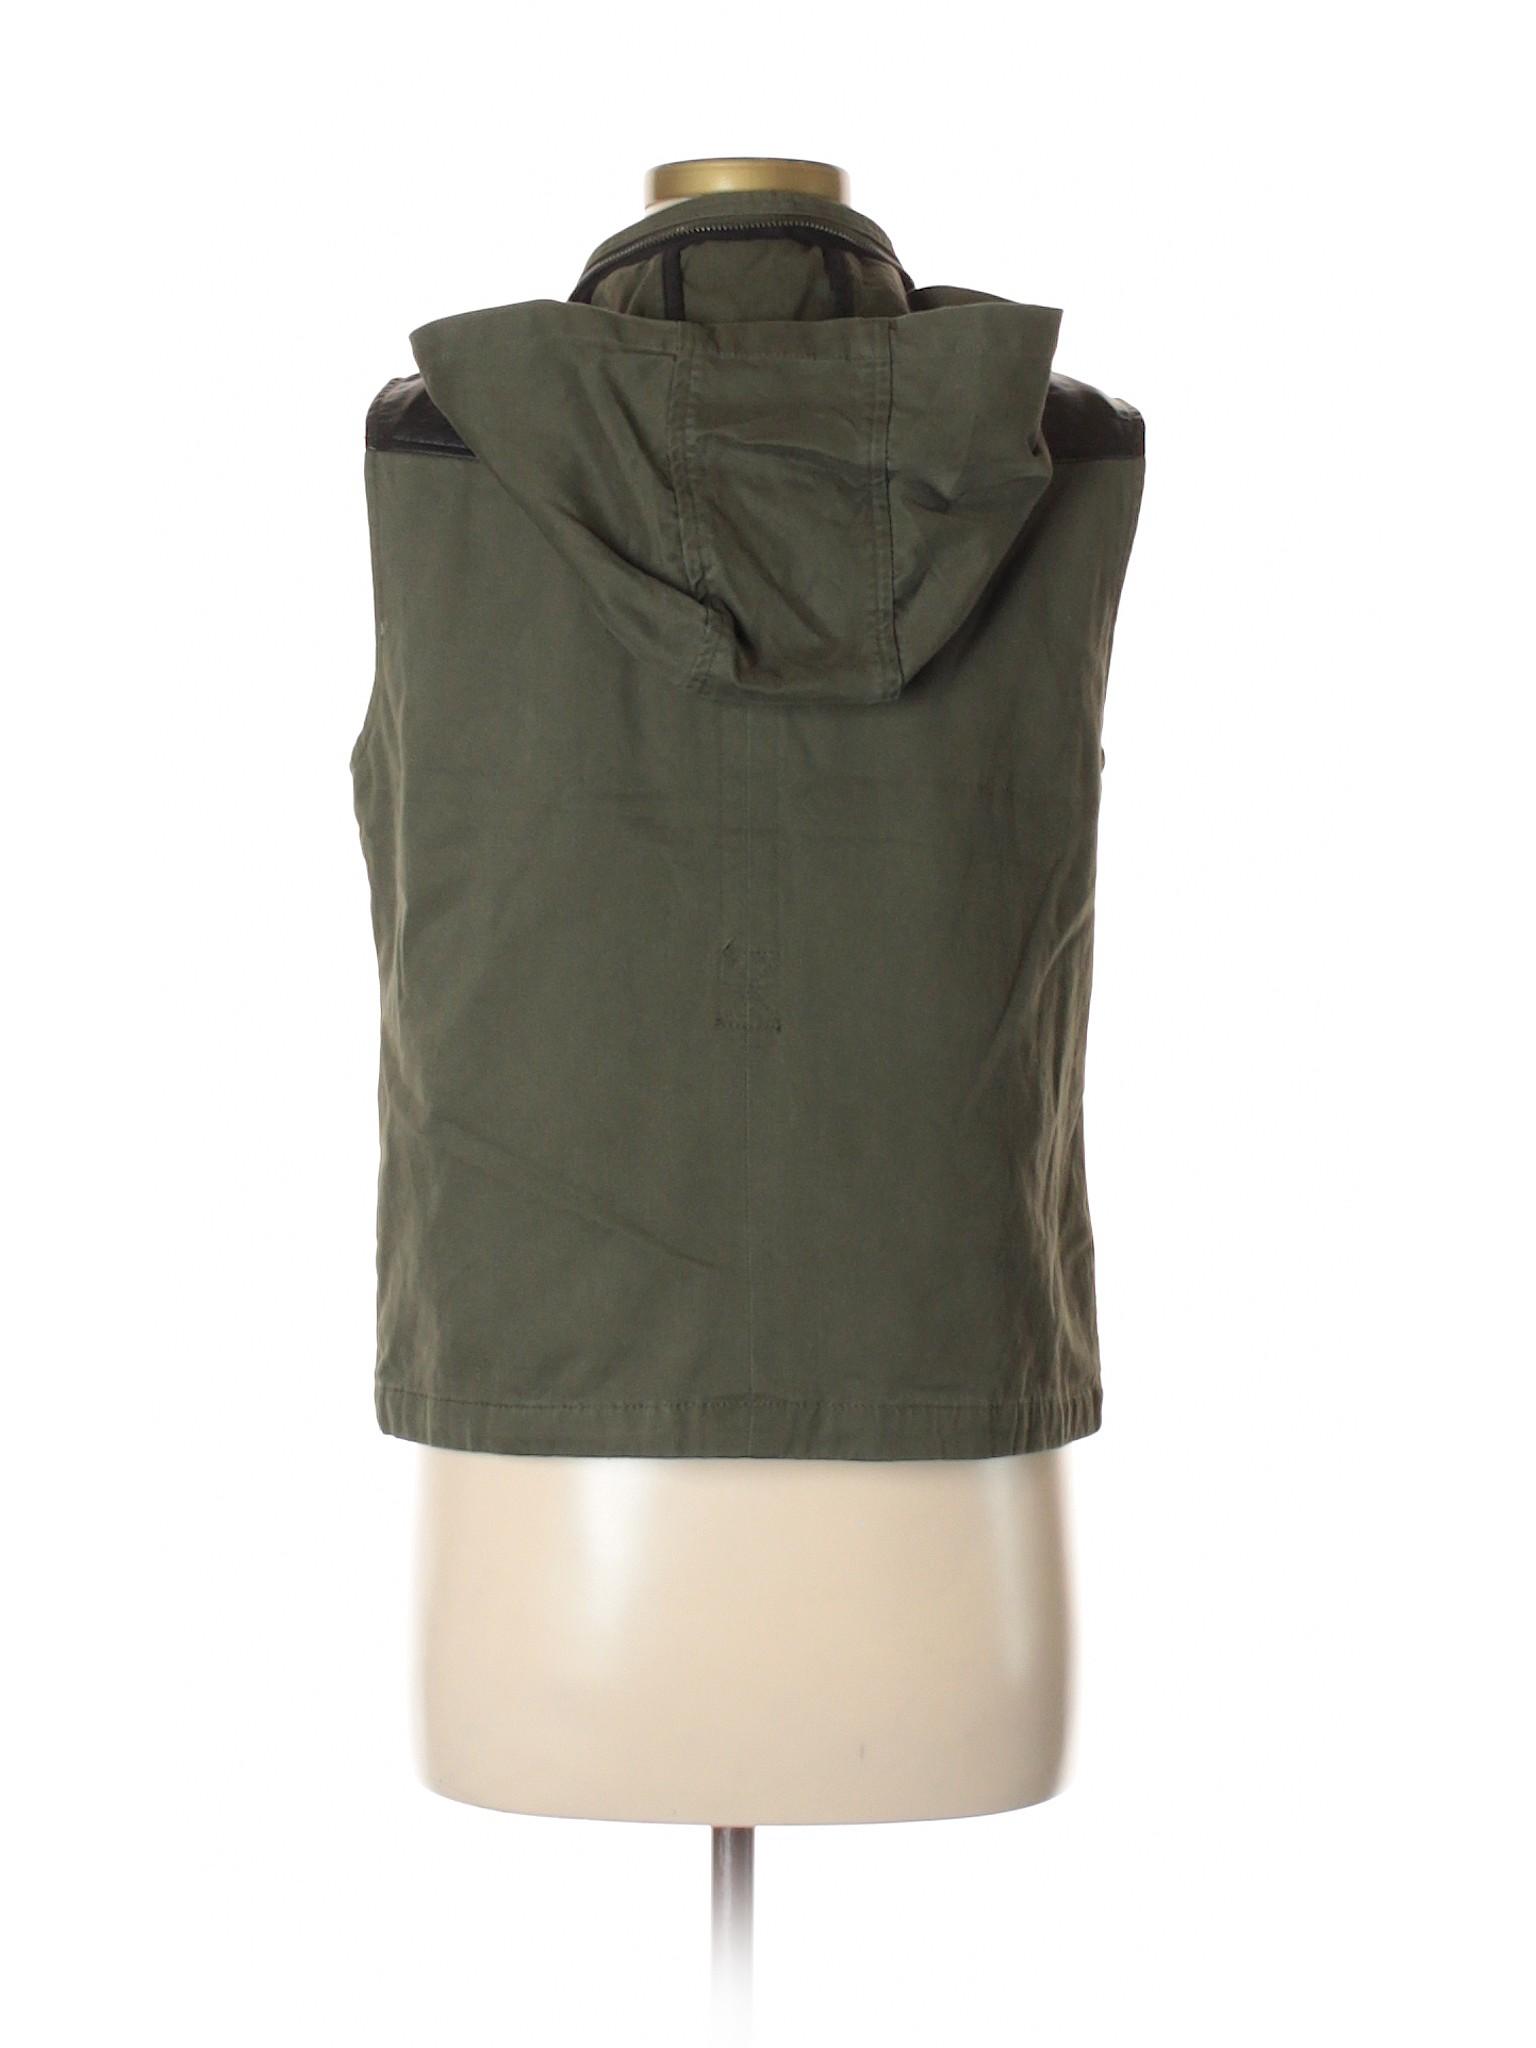 Boutique Boutique leisure Vest leisure BDG Zzw5Hwq